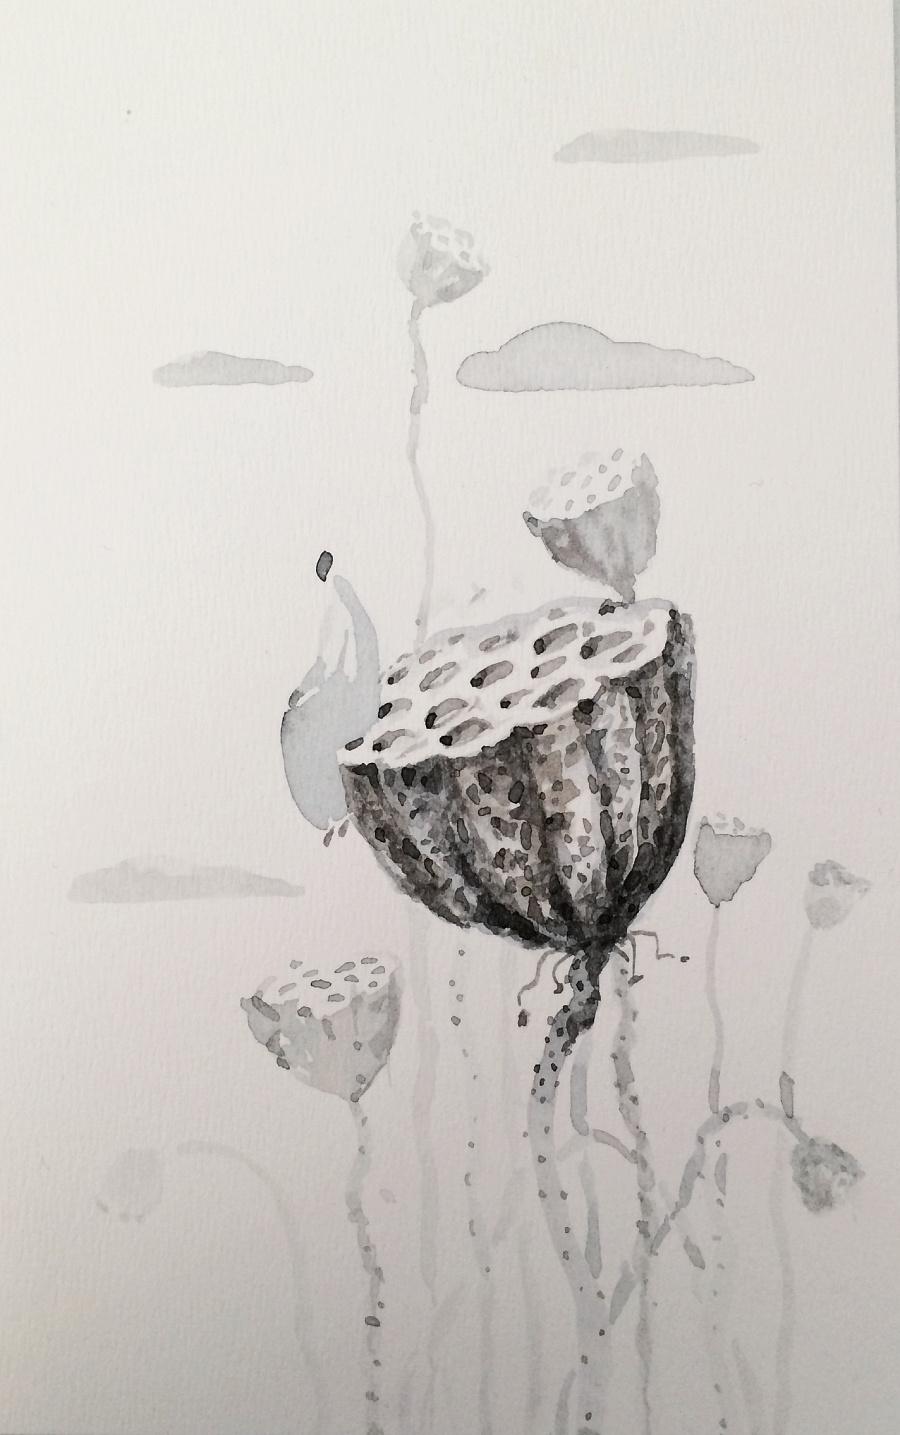 查看《吉祥物语插画日记【三十二】之水彩明信片》原图,原图尺寸:1424x2270